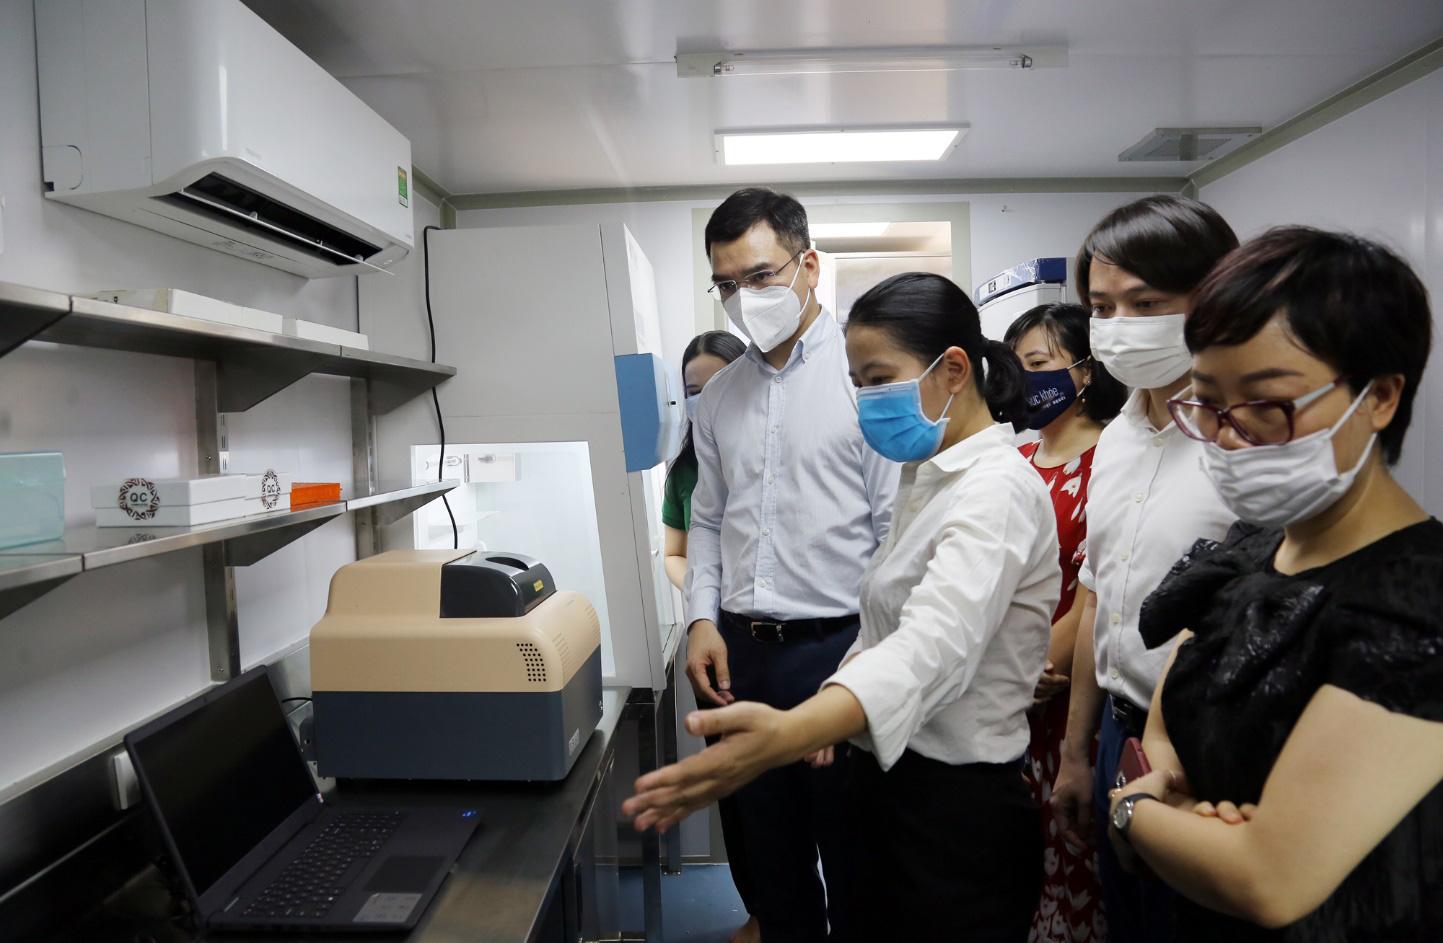 """Chung tay chống dịch, VPBank đưa 4 container xét nghiệm Covid-19 vào """"tâm dịch"""" phía Nam - Ảnh 1."""